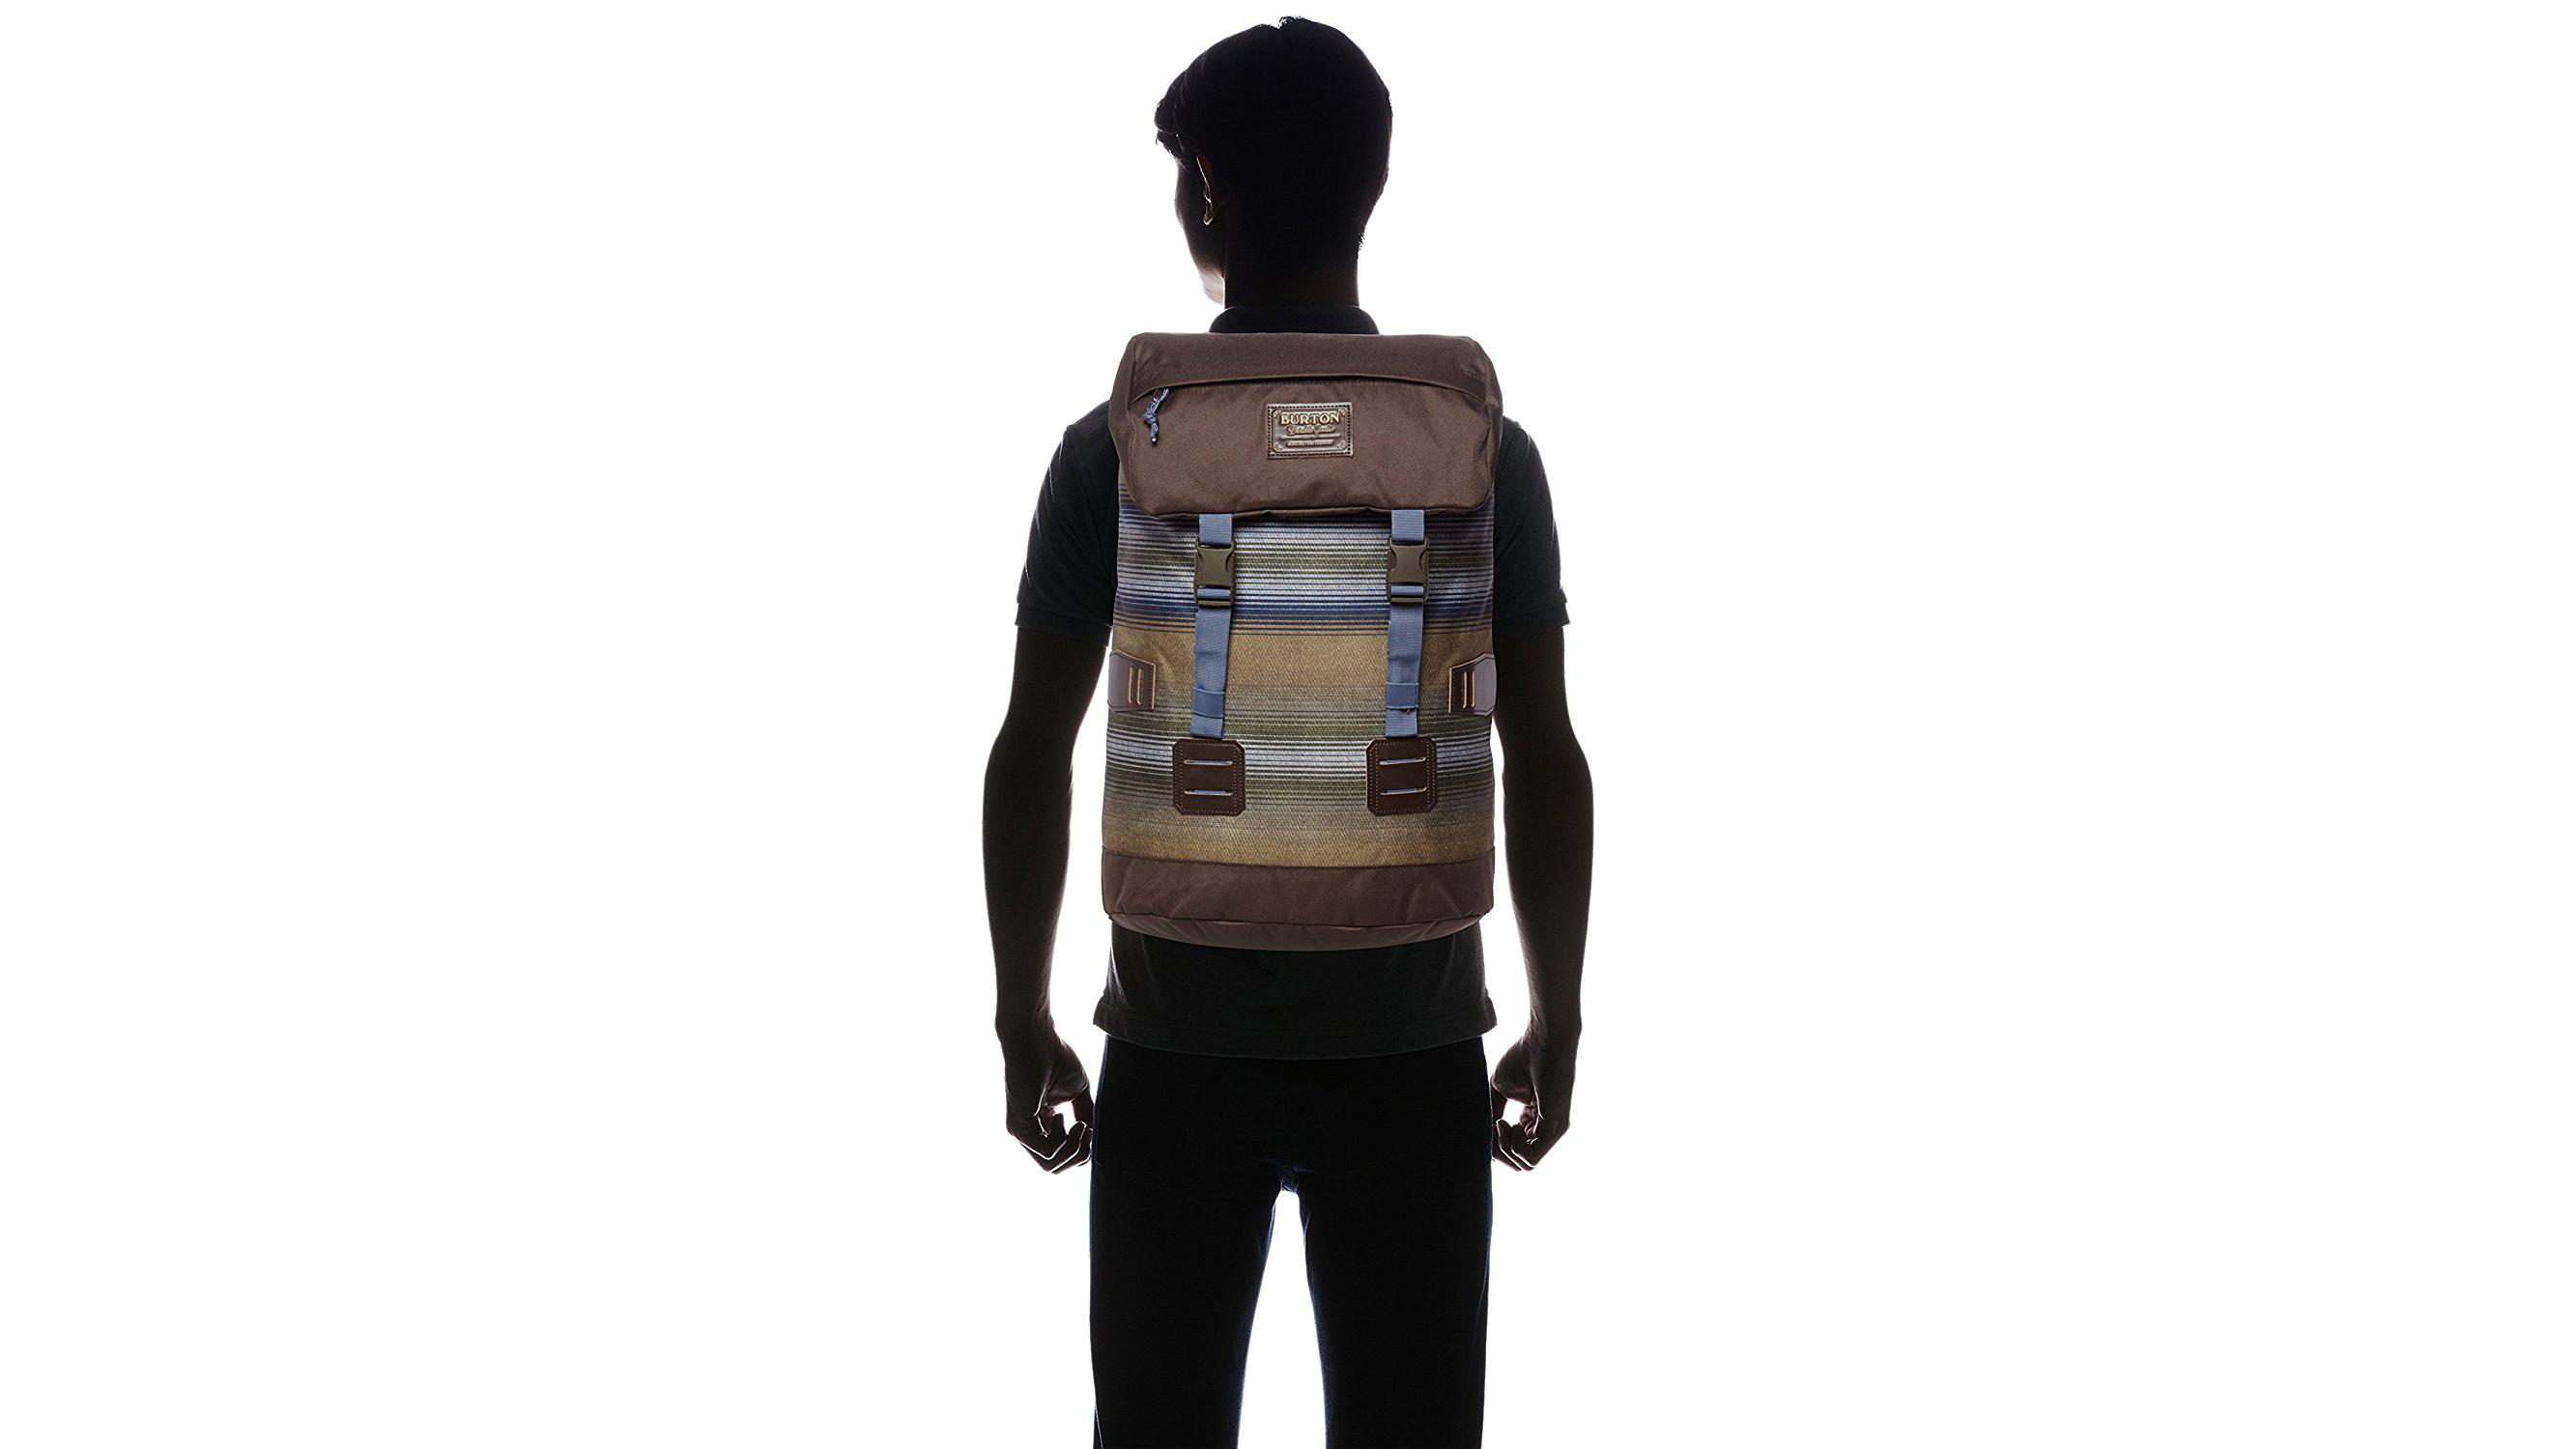 S24q2Rt7oQacB9HQVWu5tC - The 5 best back to school backpacks for 2019